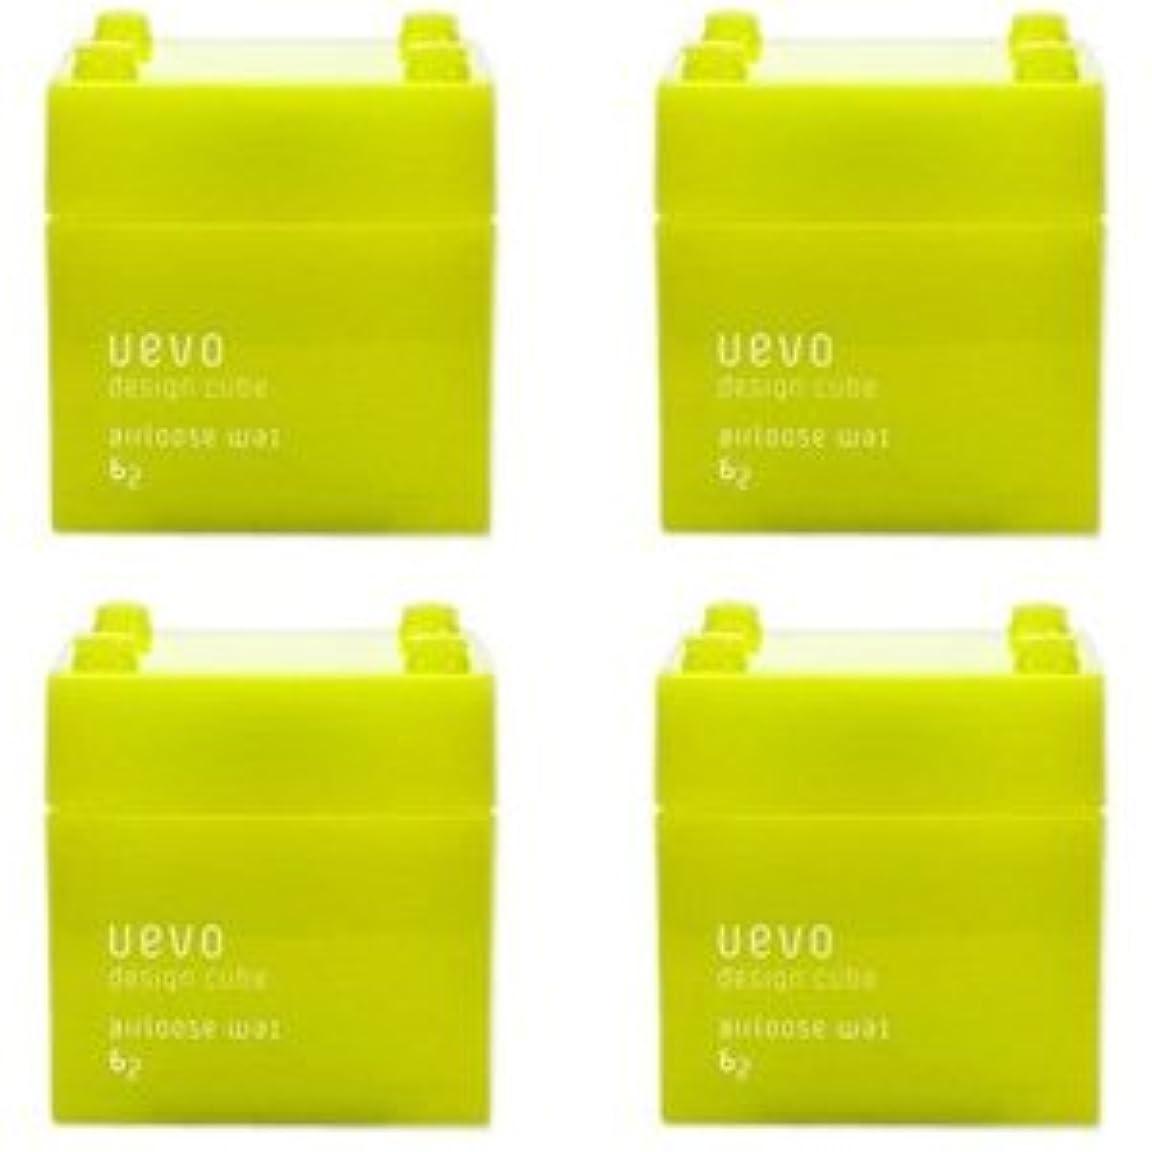 プット燃やすギャザー【X4個セット】 デミ ウェーボ デザインキューブ エアルーズワックス 80g airloose wax DEMI uevo design cube